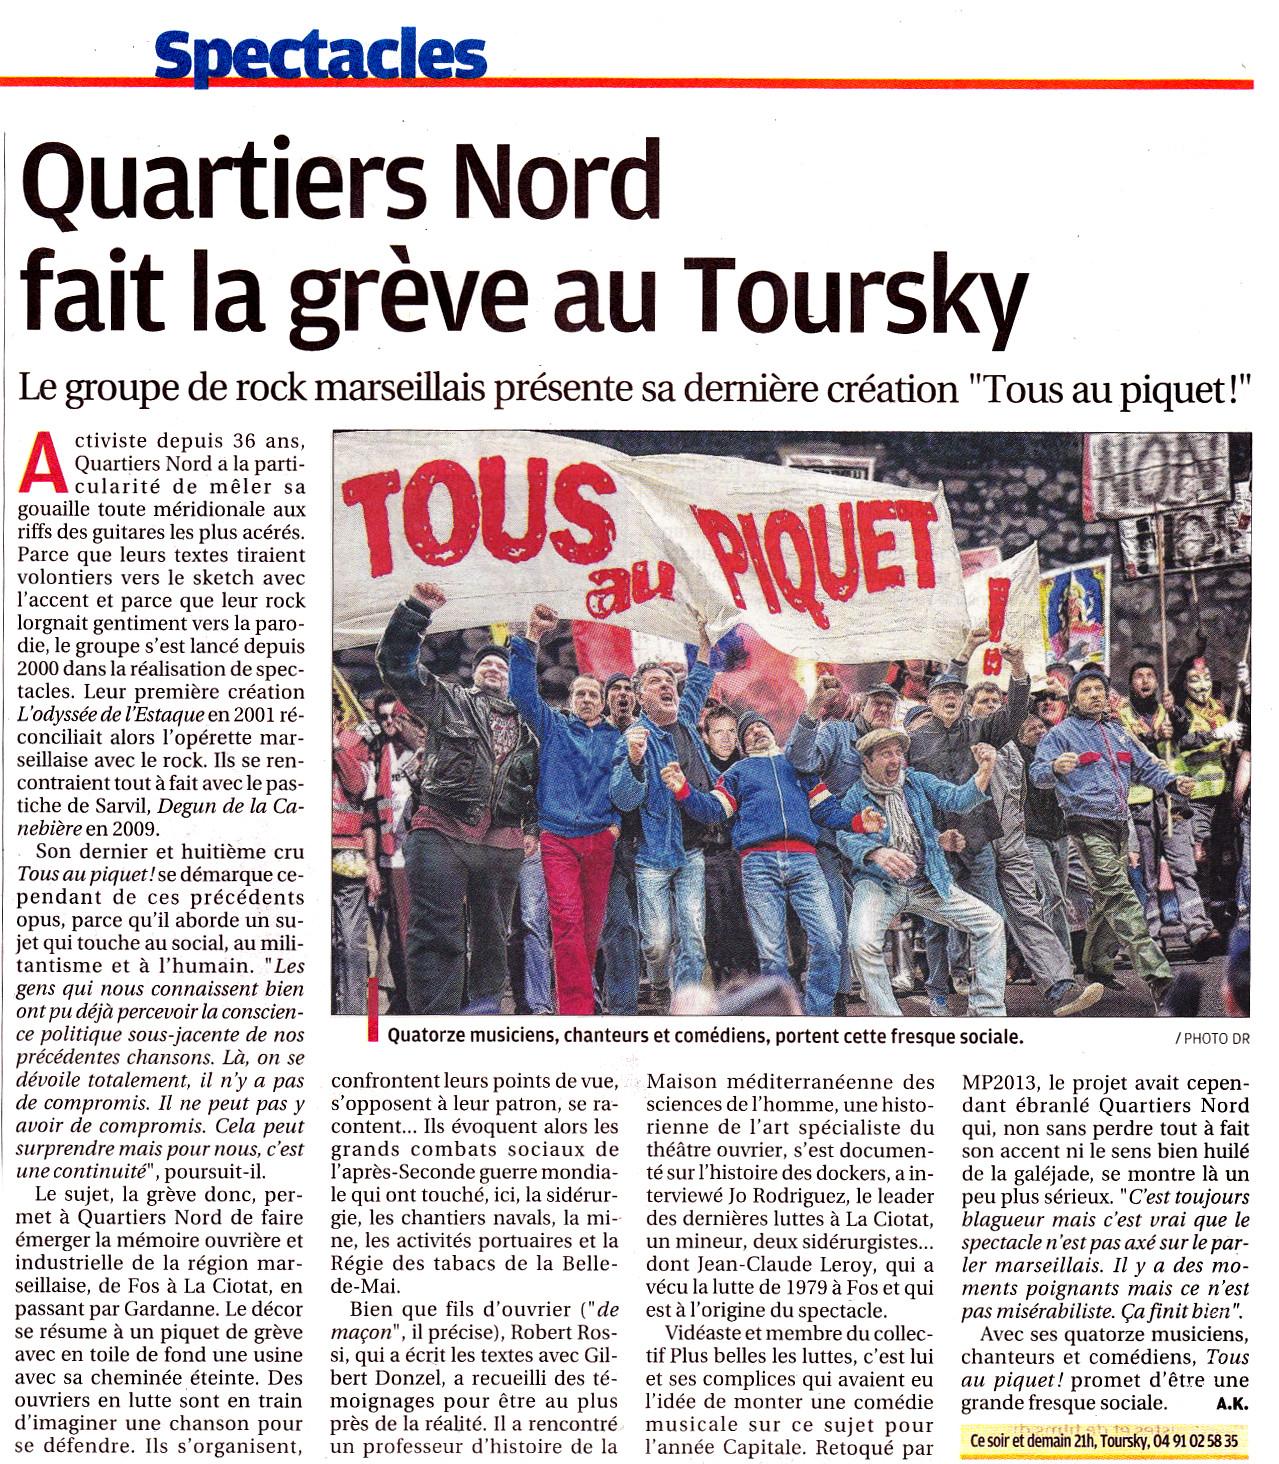 Quartiers Nord, spectacle Tous au piquet ! Presse, La Provence 10 janvier 2014